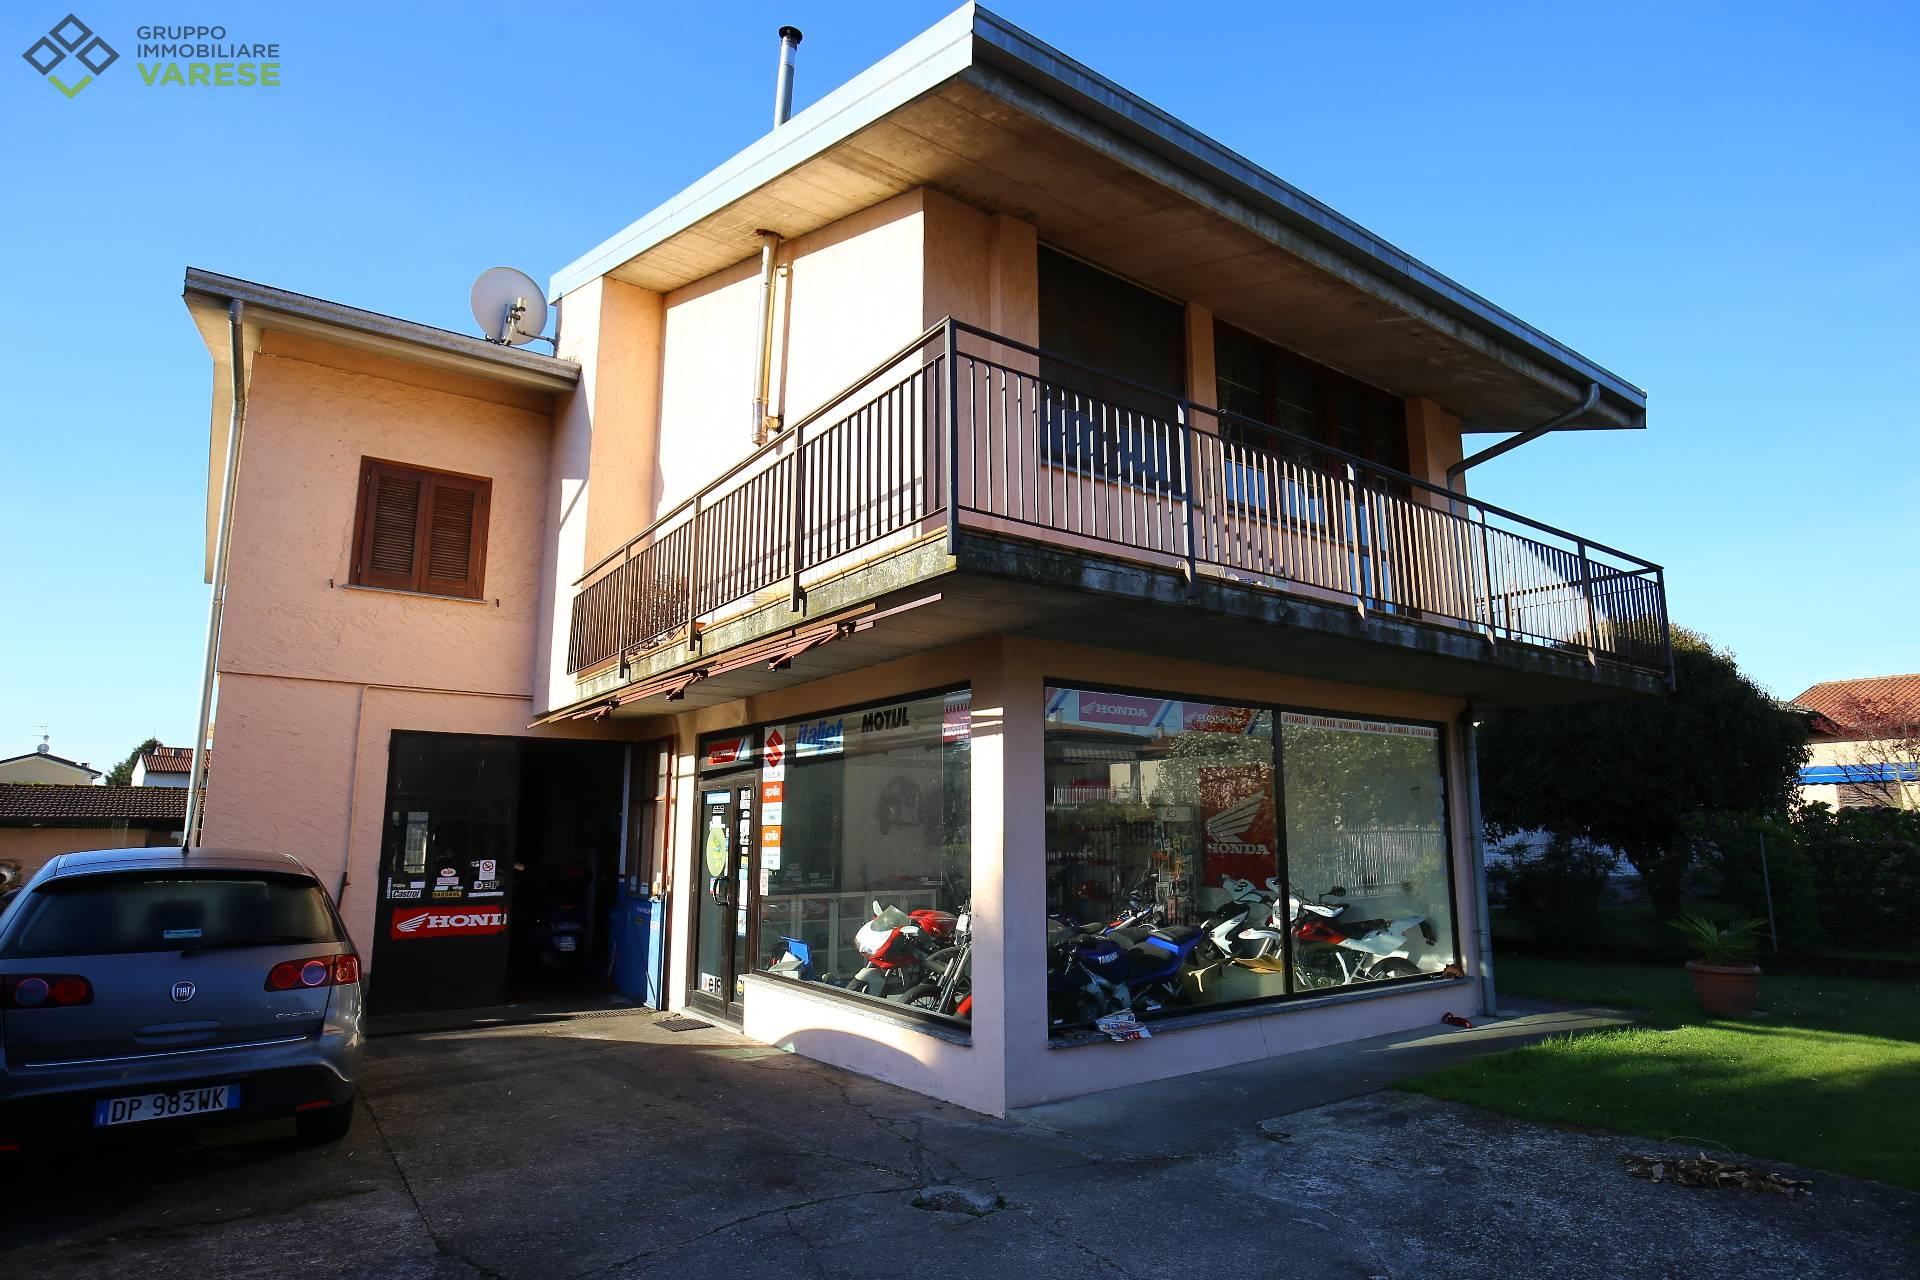 Soluzione Indipendente in vendita a Besozzo, 4 locali, zona Zona: Olginasio, prezzo € 249.000   CambioCasa.it